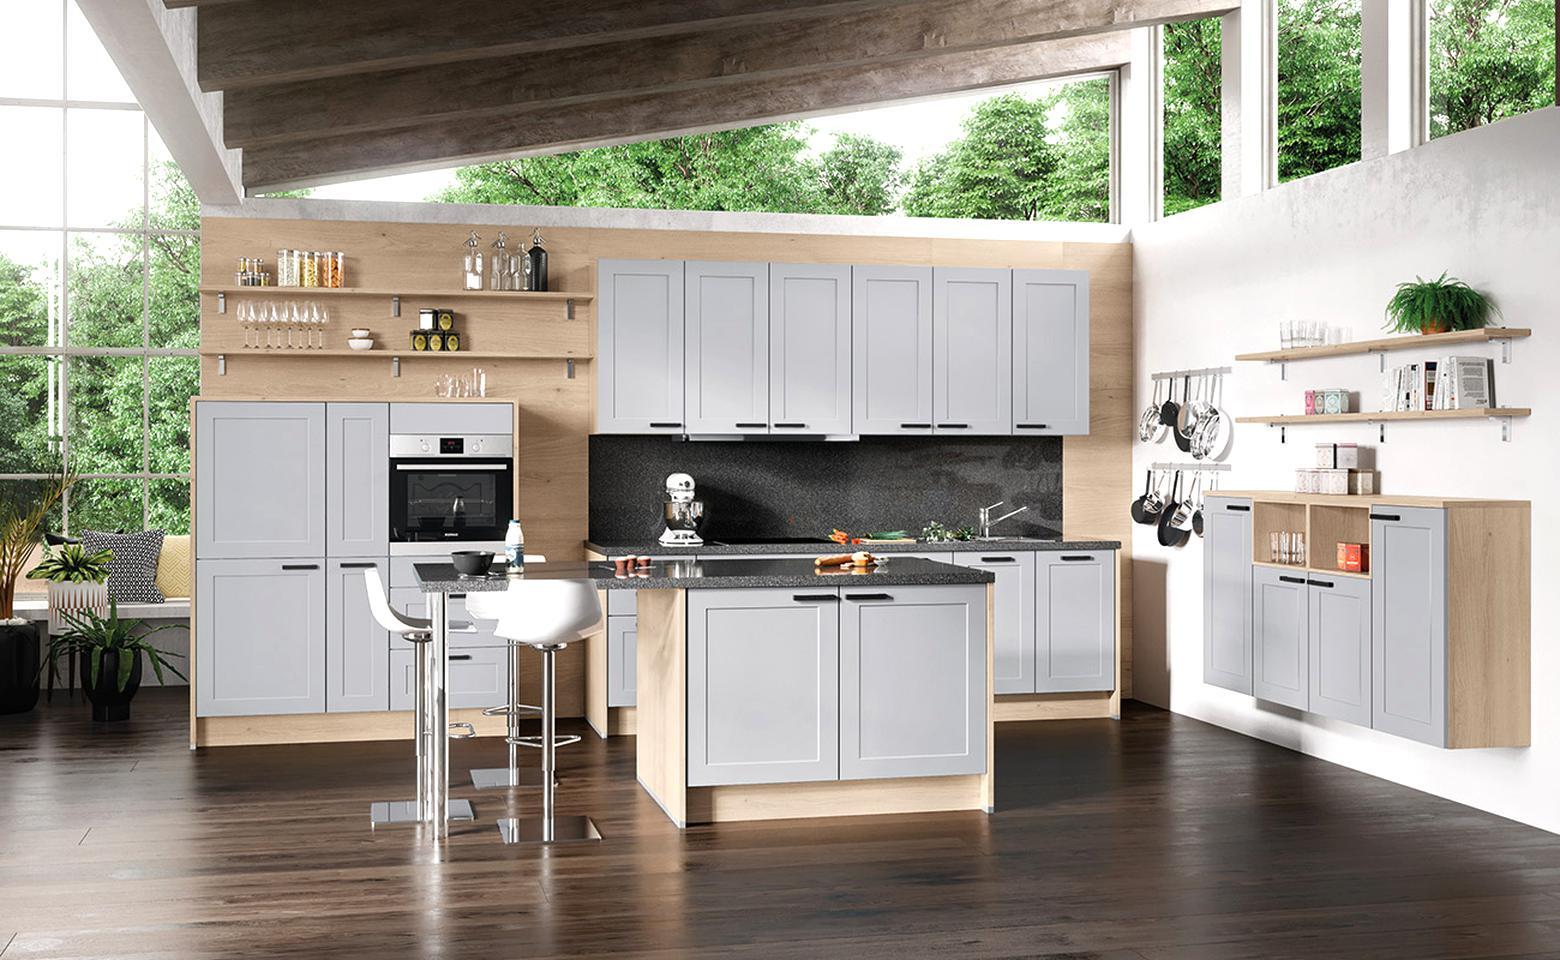 Full Size of Küchen Günstig Kaufen Obi Küche Günstig Kaufen Aktion Küche Günstig Kaufen In Kempten Küchen Günstig Kaufen In Nrw Küche Küche Kaufen Günstig